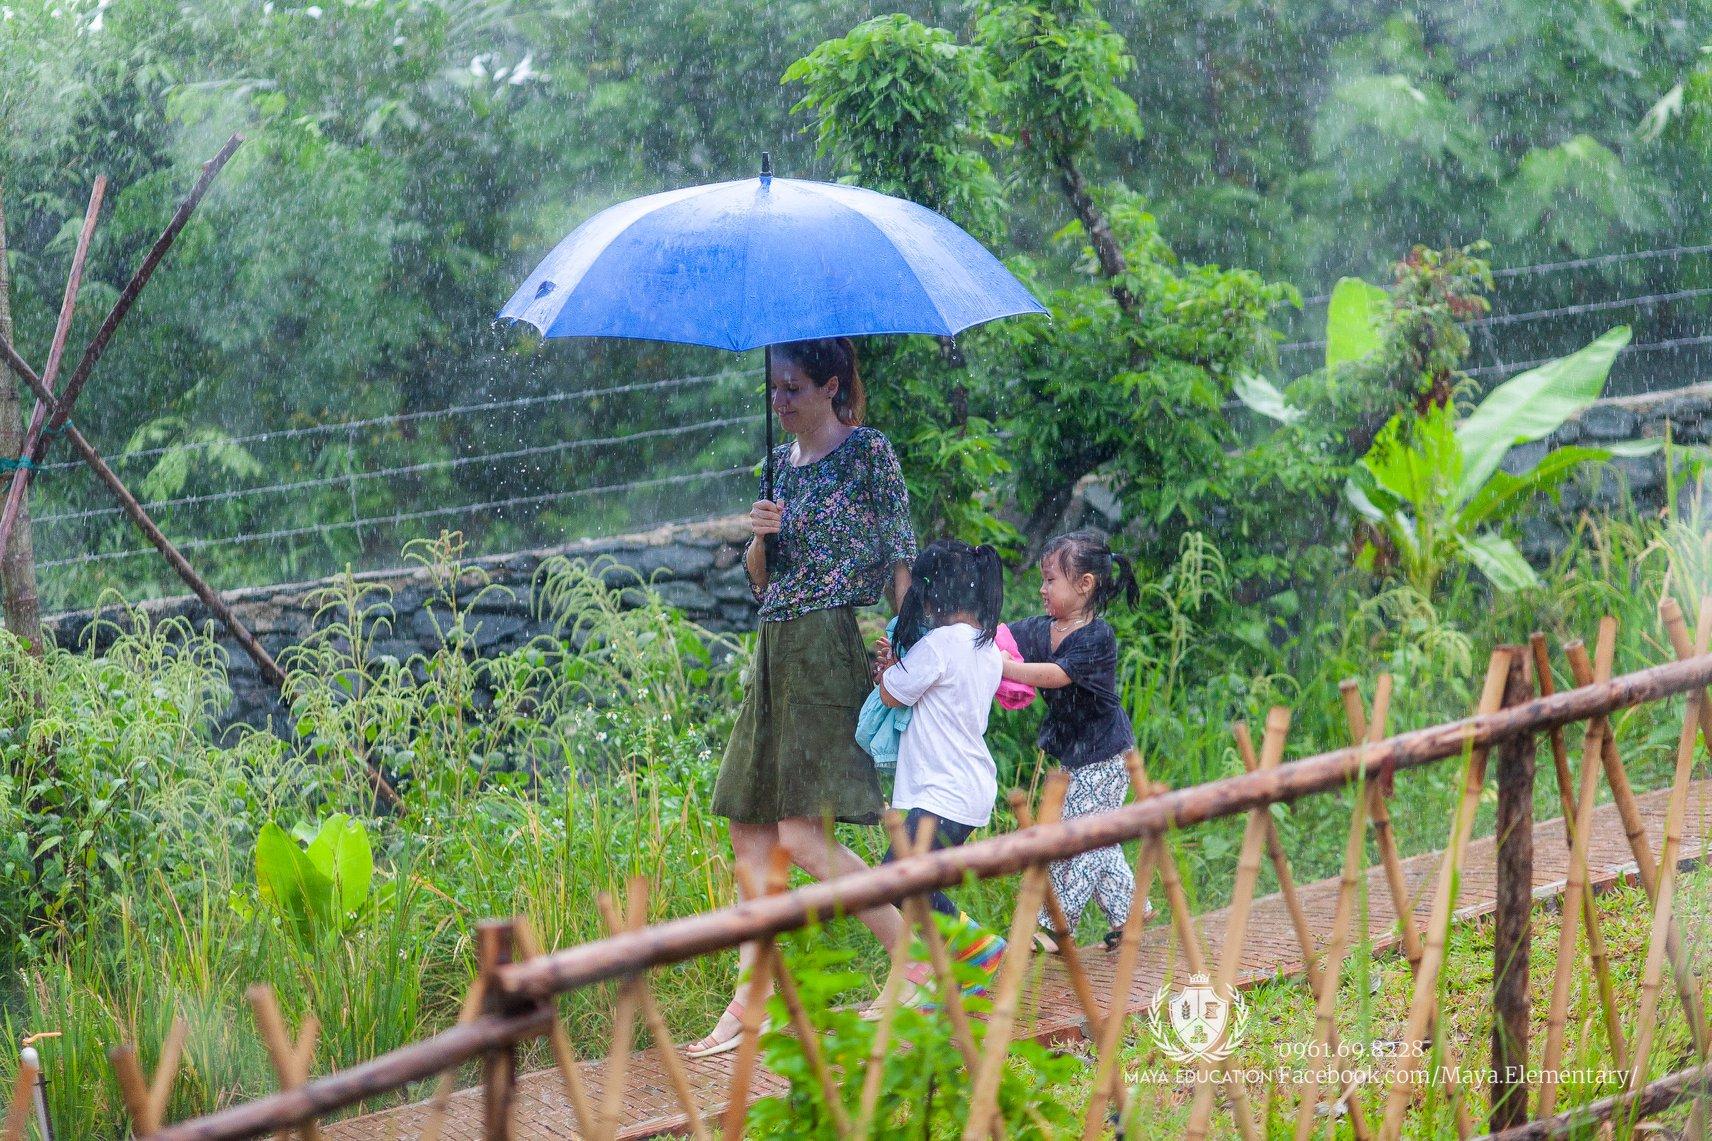 Simona și doi copii de grădiniță, mergând prin ploaie